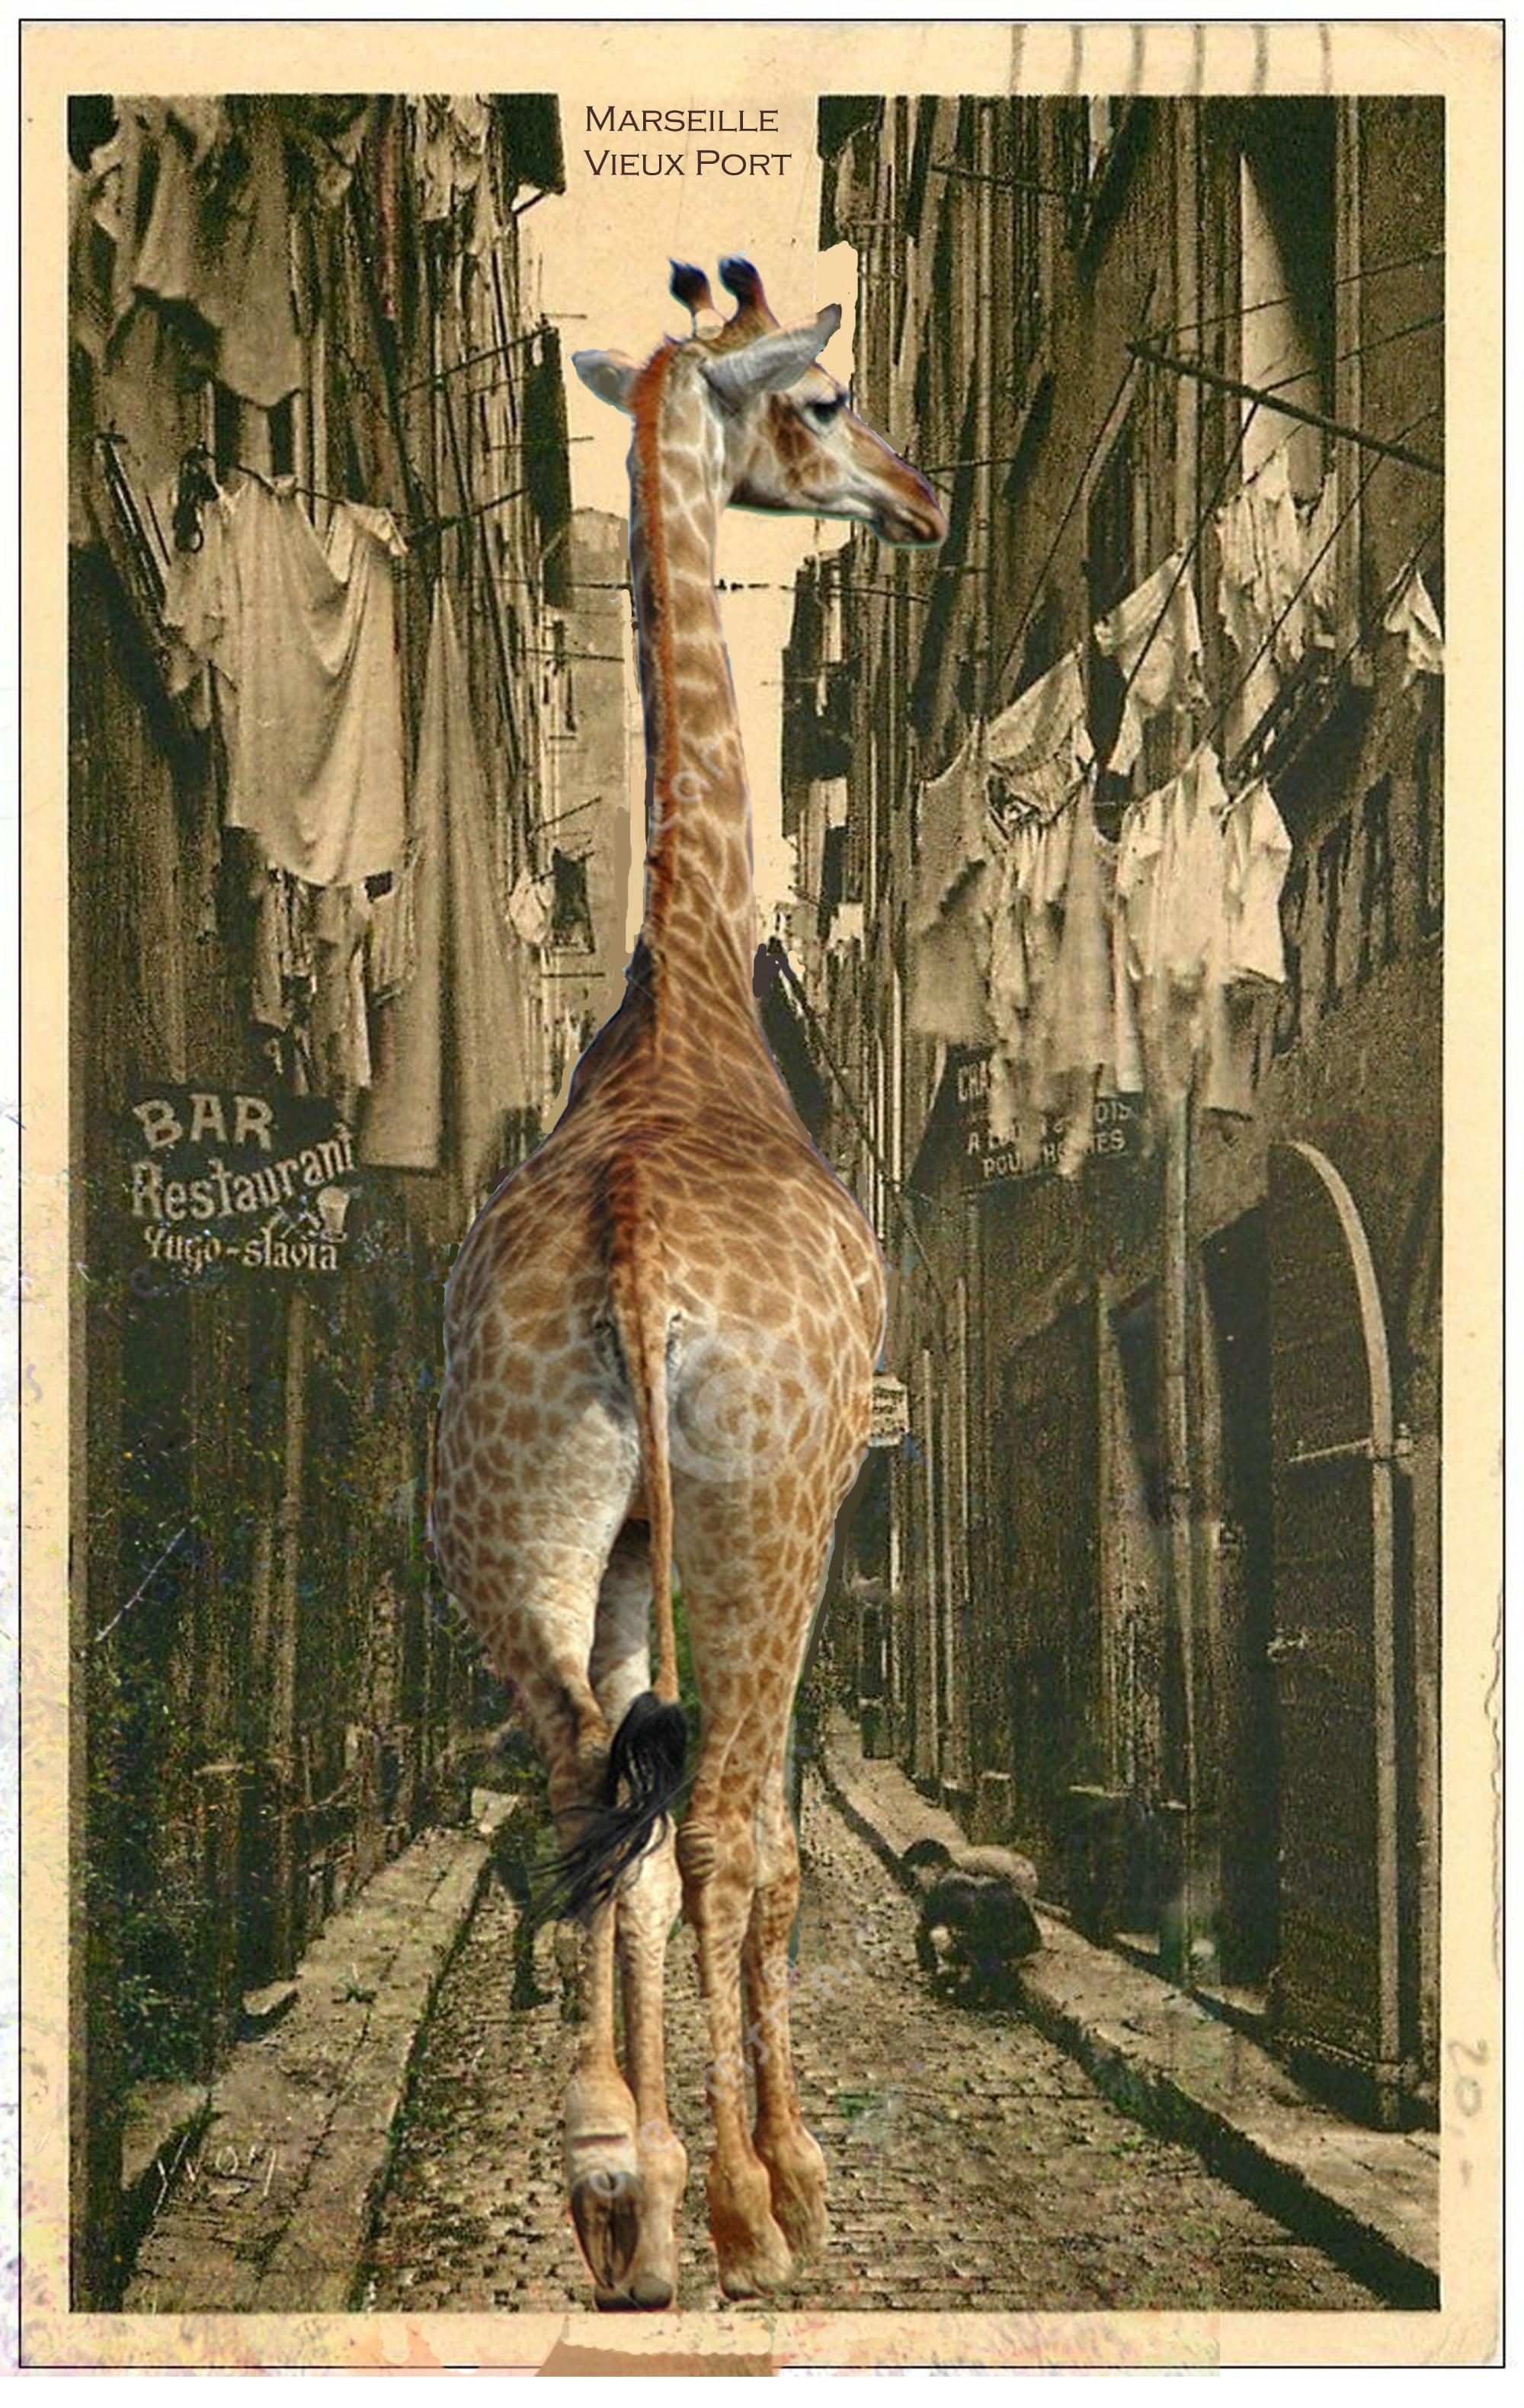 giraffe-in-marseille-vieux-port-copie-8